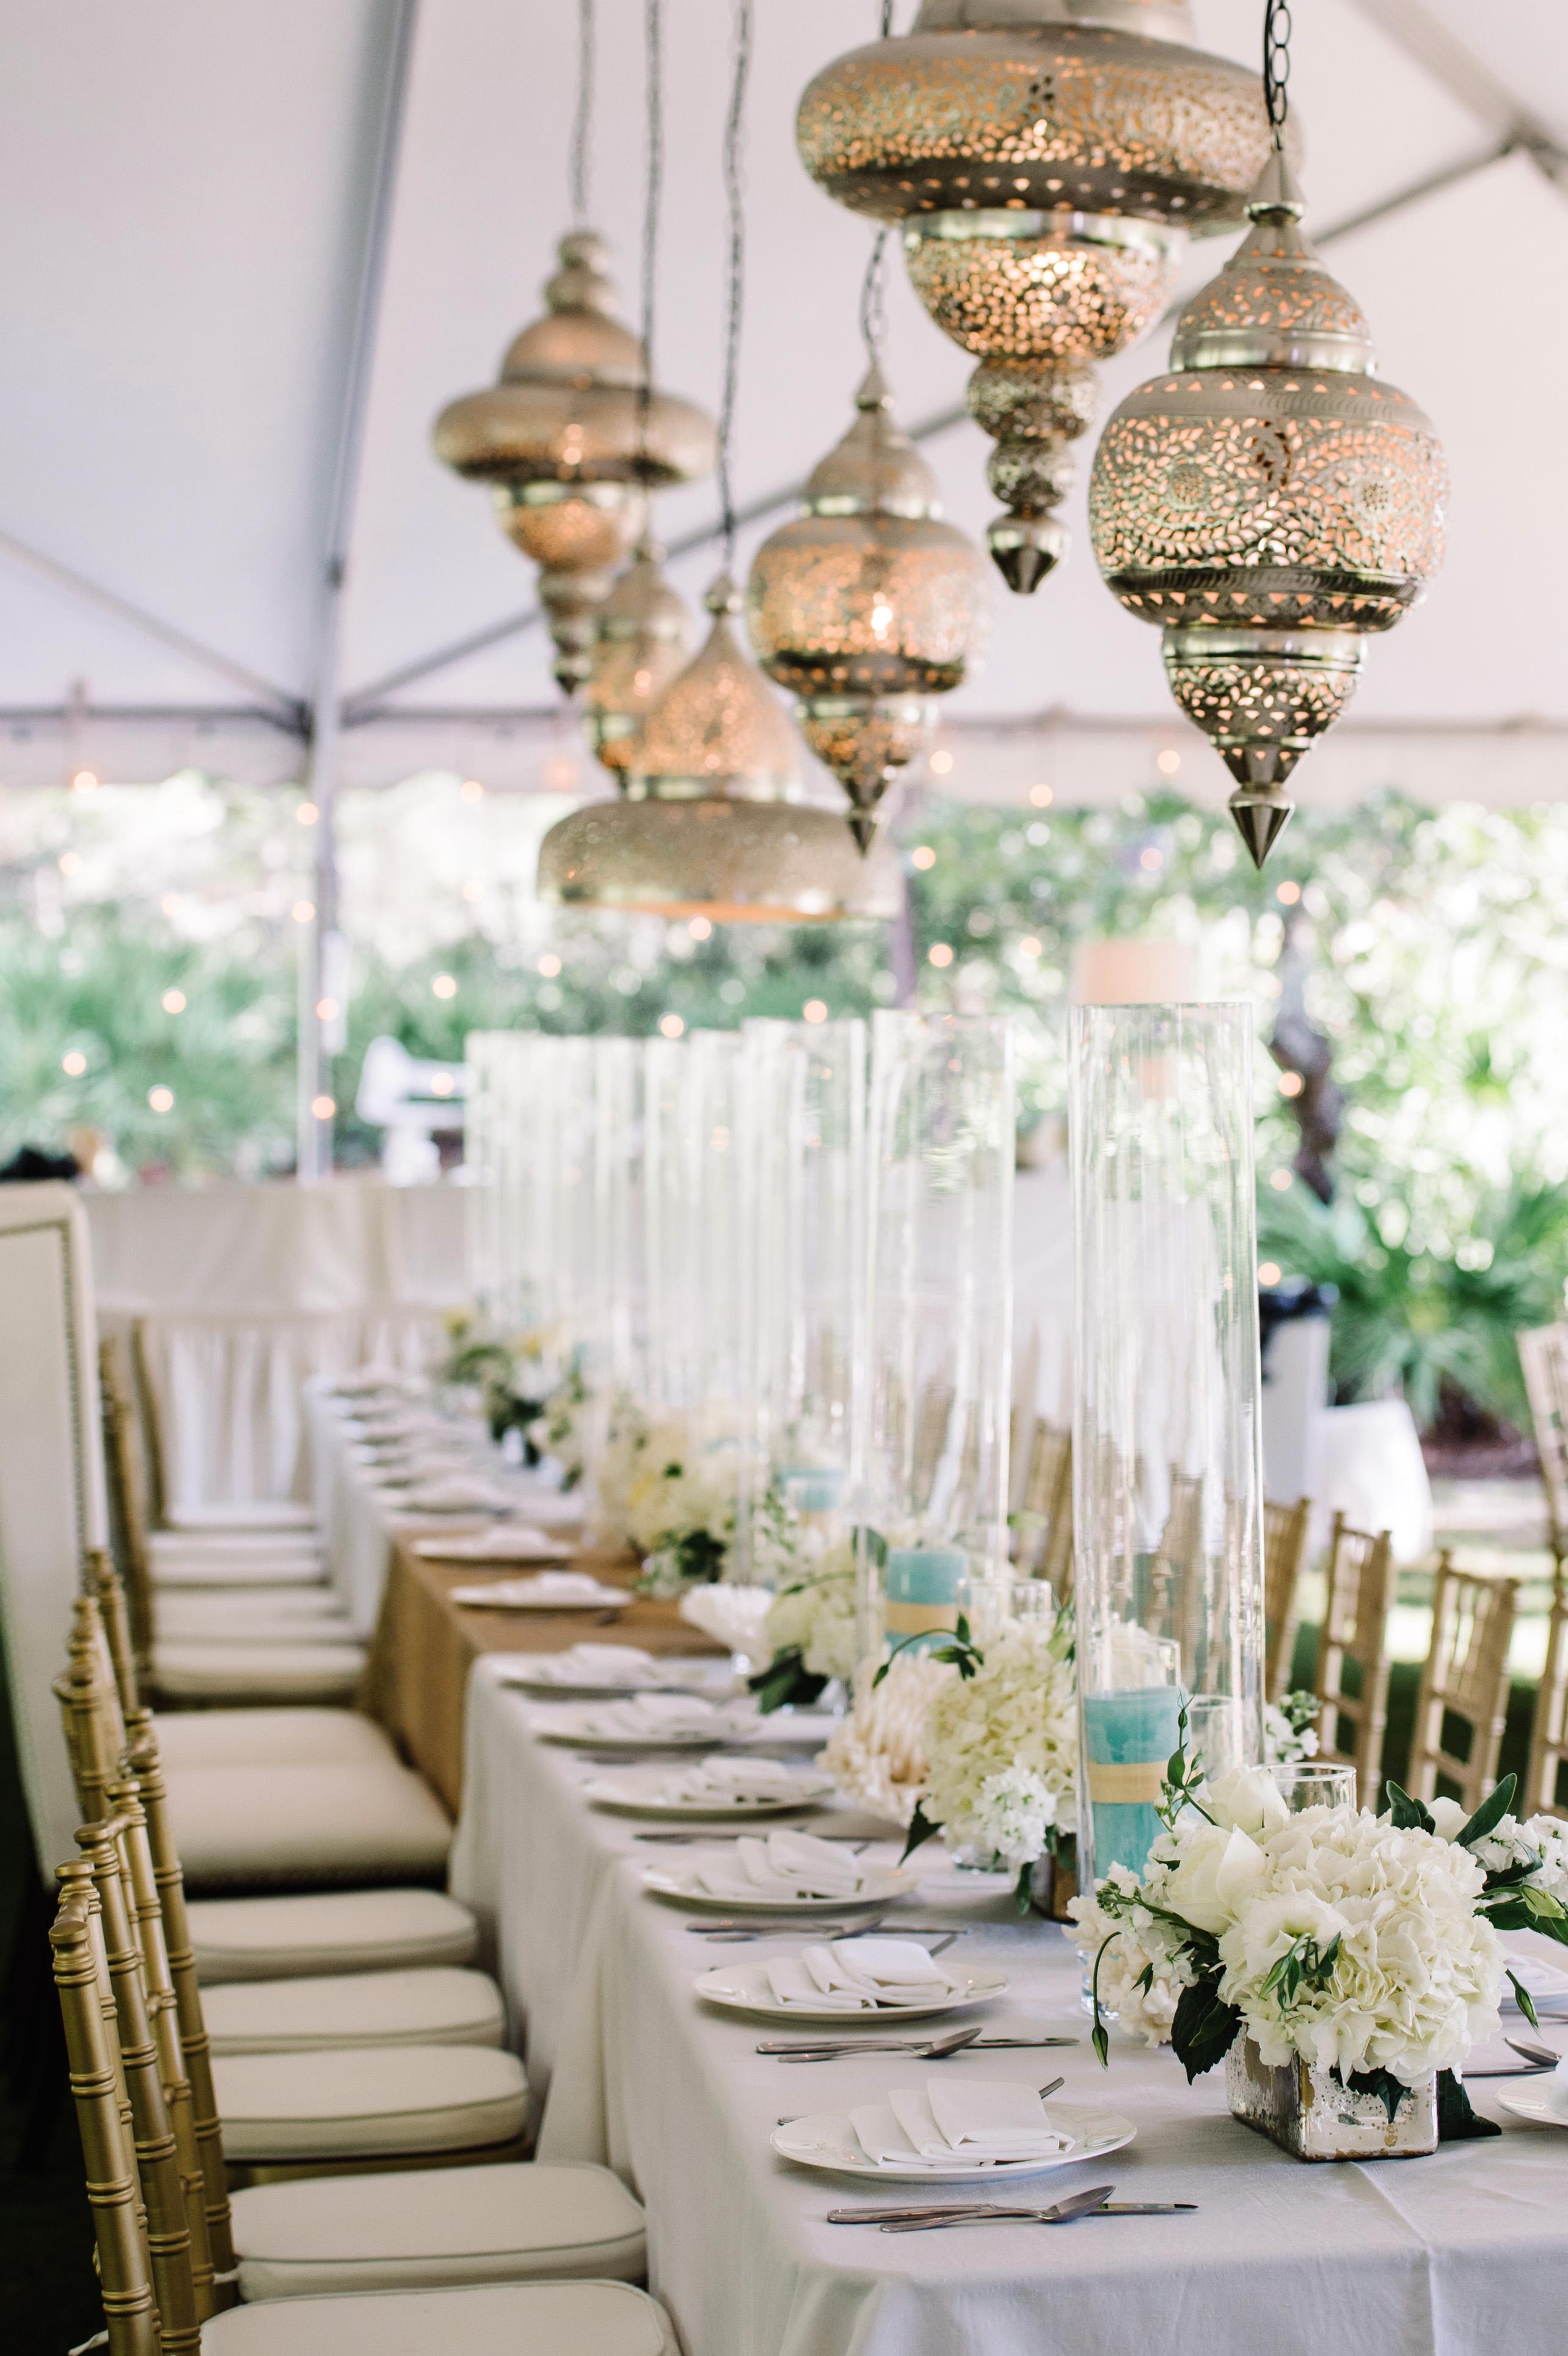 wedding chandelier moroccan inspired metal fixtures